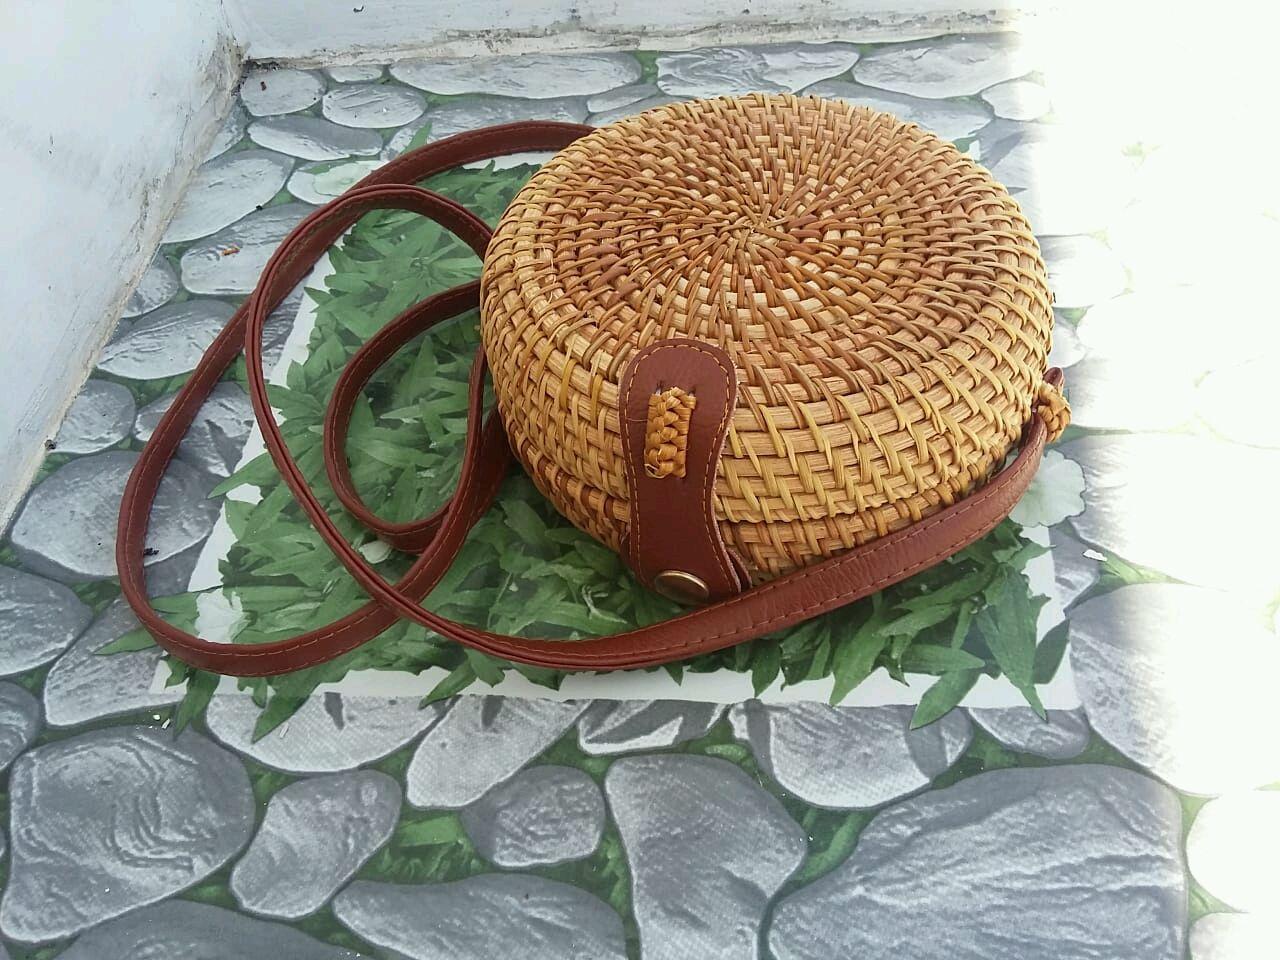 Женские сумки ручной работы. Ярмарка Мастеров - ручная работа. Купить Летняя сумка. Женская плетеная круглая сумка .  Деревянная сумка. Handmade.